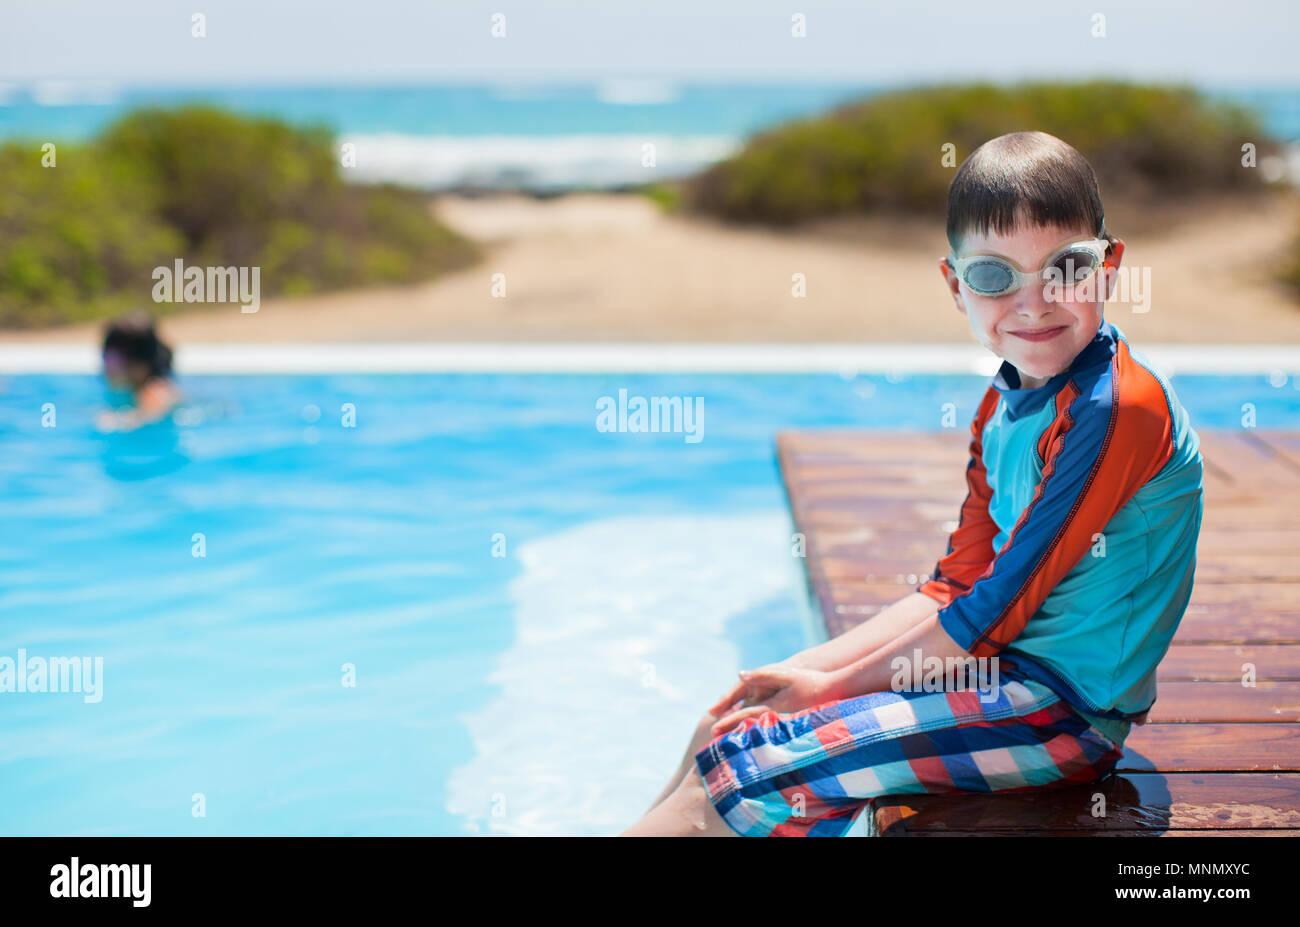 Real cute boy in pool